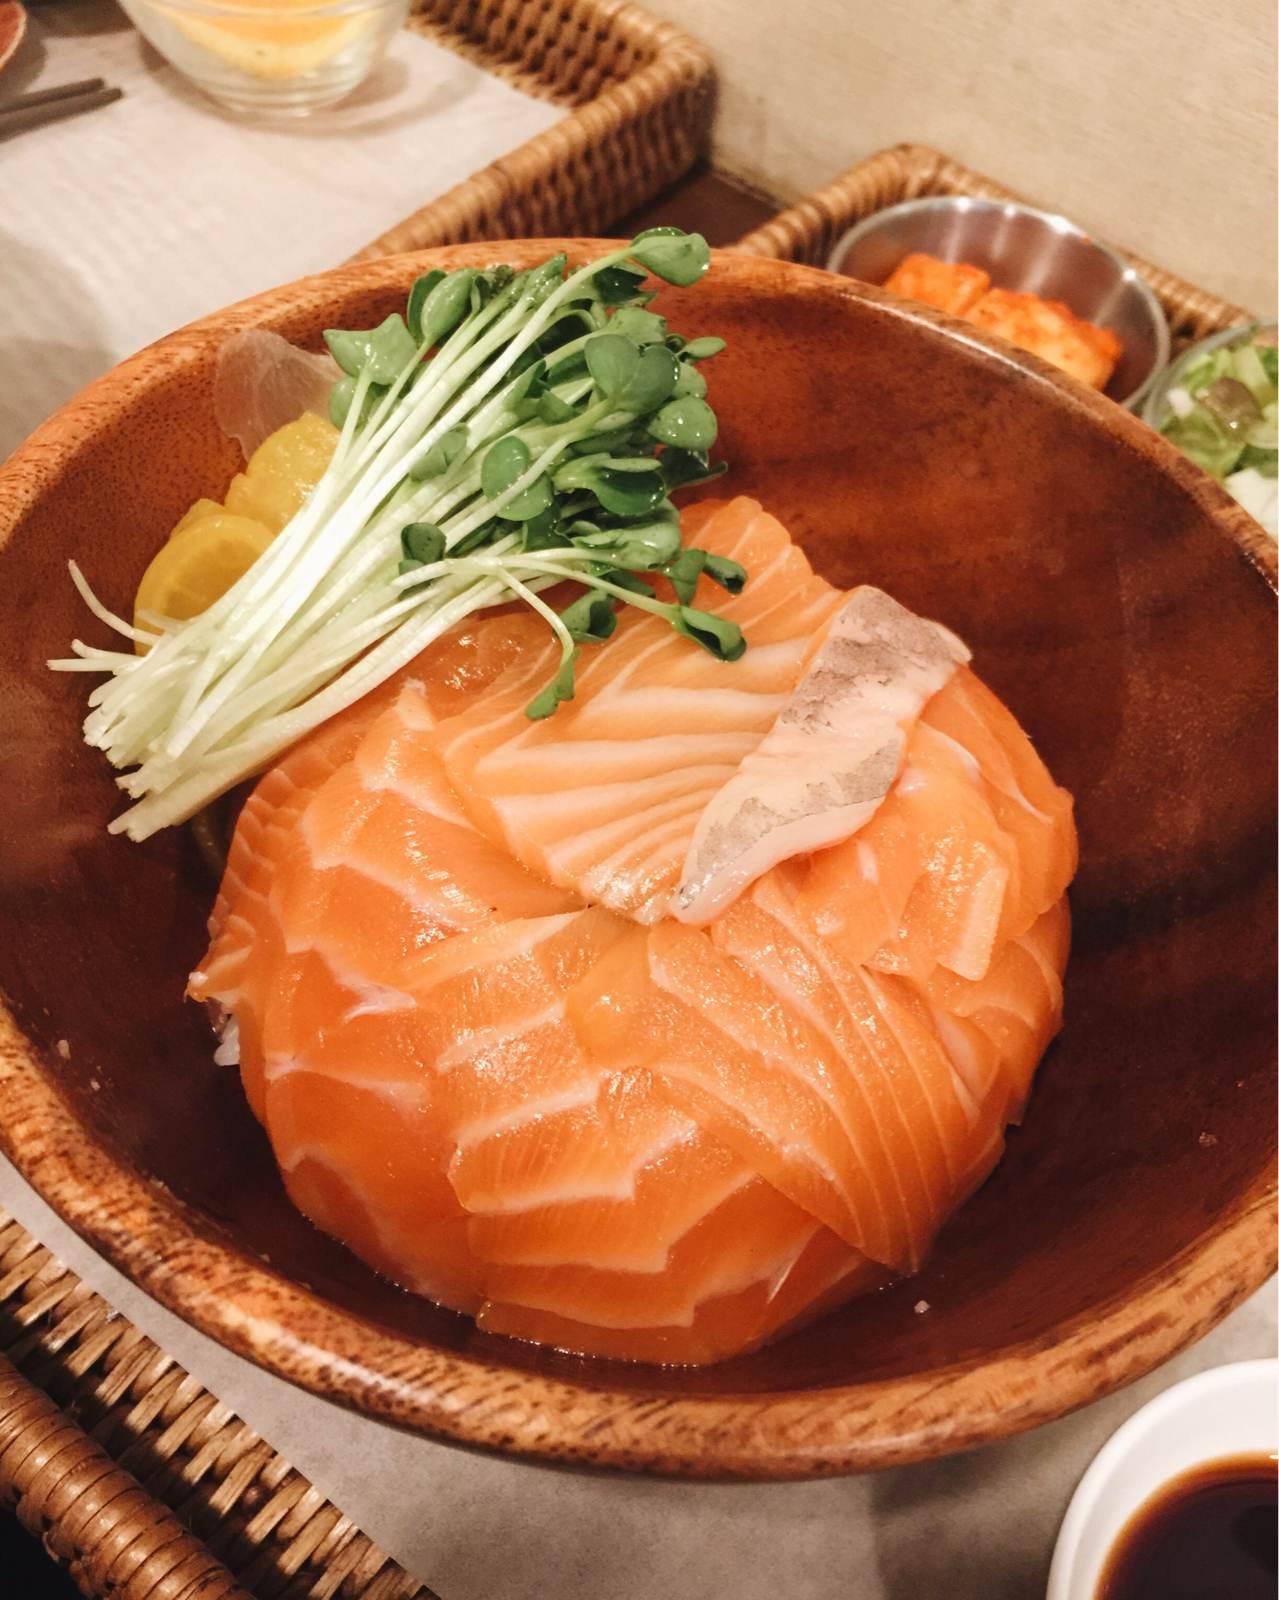 這天小編吃的是鮭魚蓋飯,價格12000元韓幣,旁邊附的醃漬蕃茄很好吃,鮭魚給得還滿多片的,對於喜歡吃鮭魚的人,例如小編我! 真的會吃得超級滿足!